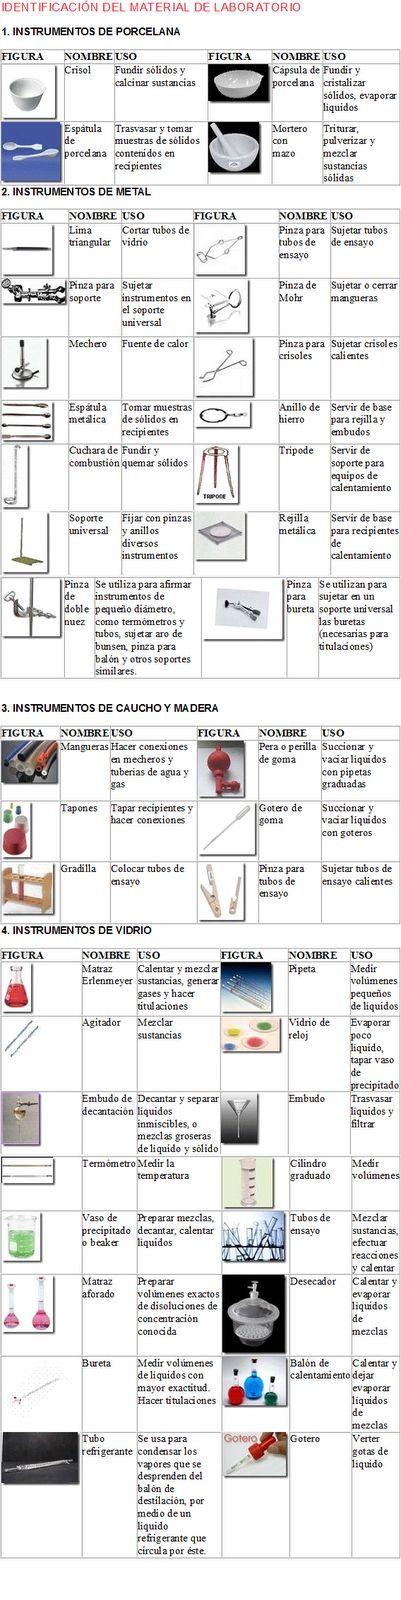 Quimica Instrumentos De Laboratorio De Quimica Instrumentos Del Laboratorio Laboratorios De Ciencias Materiales De Laboratorio